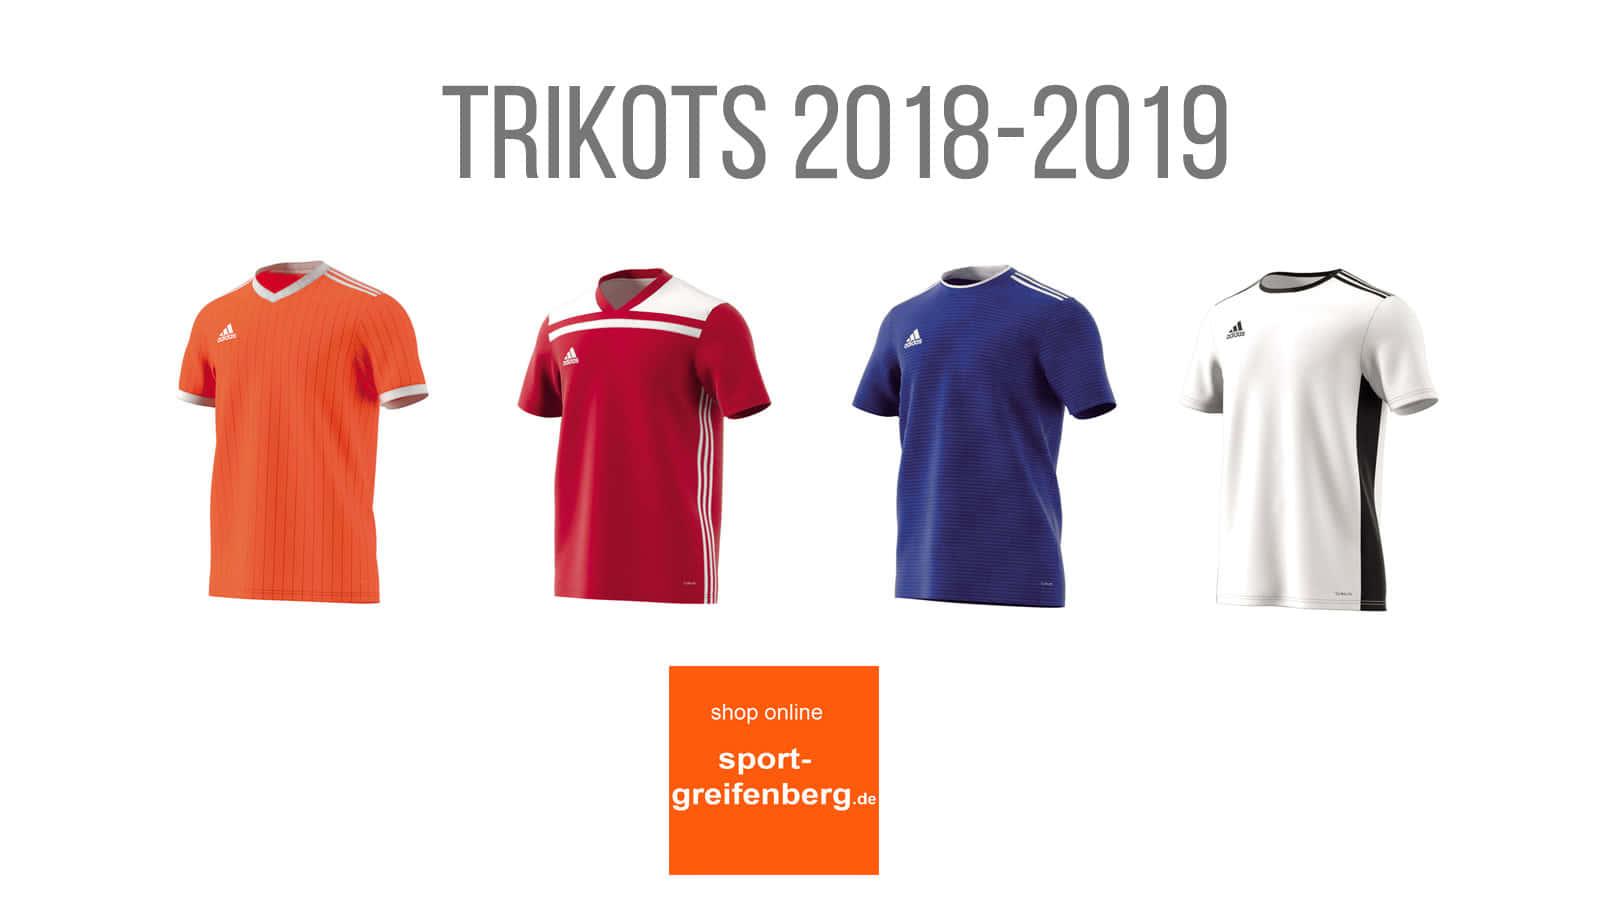 Die Adidas Trikots 2018/2019 Condivo, Regista, Tabela und Entrada 18